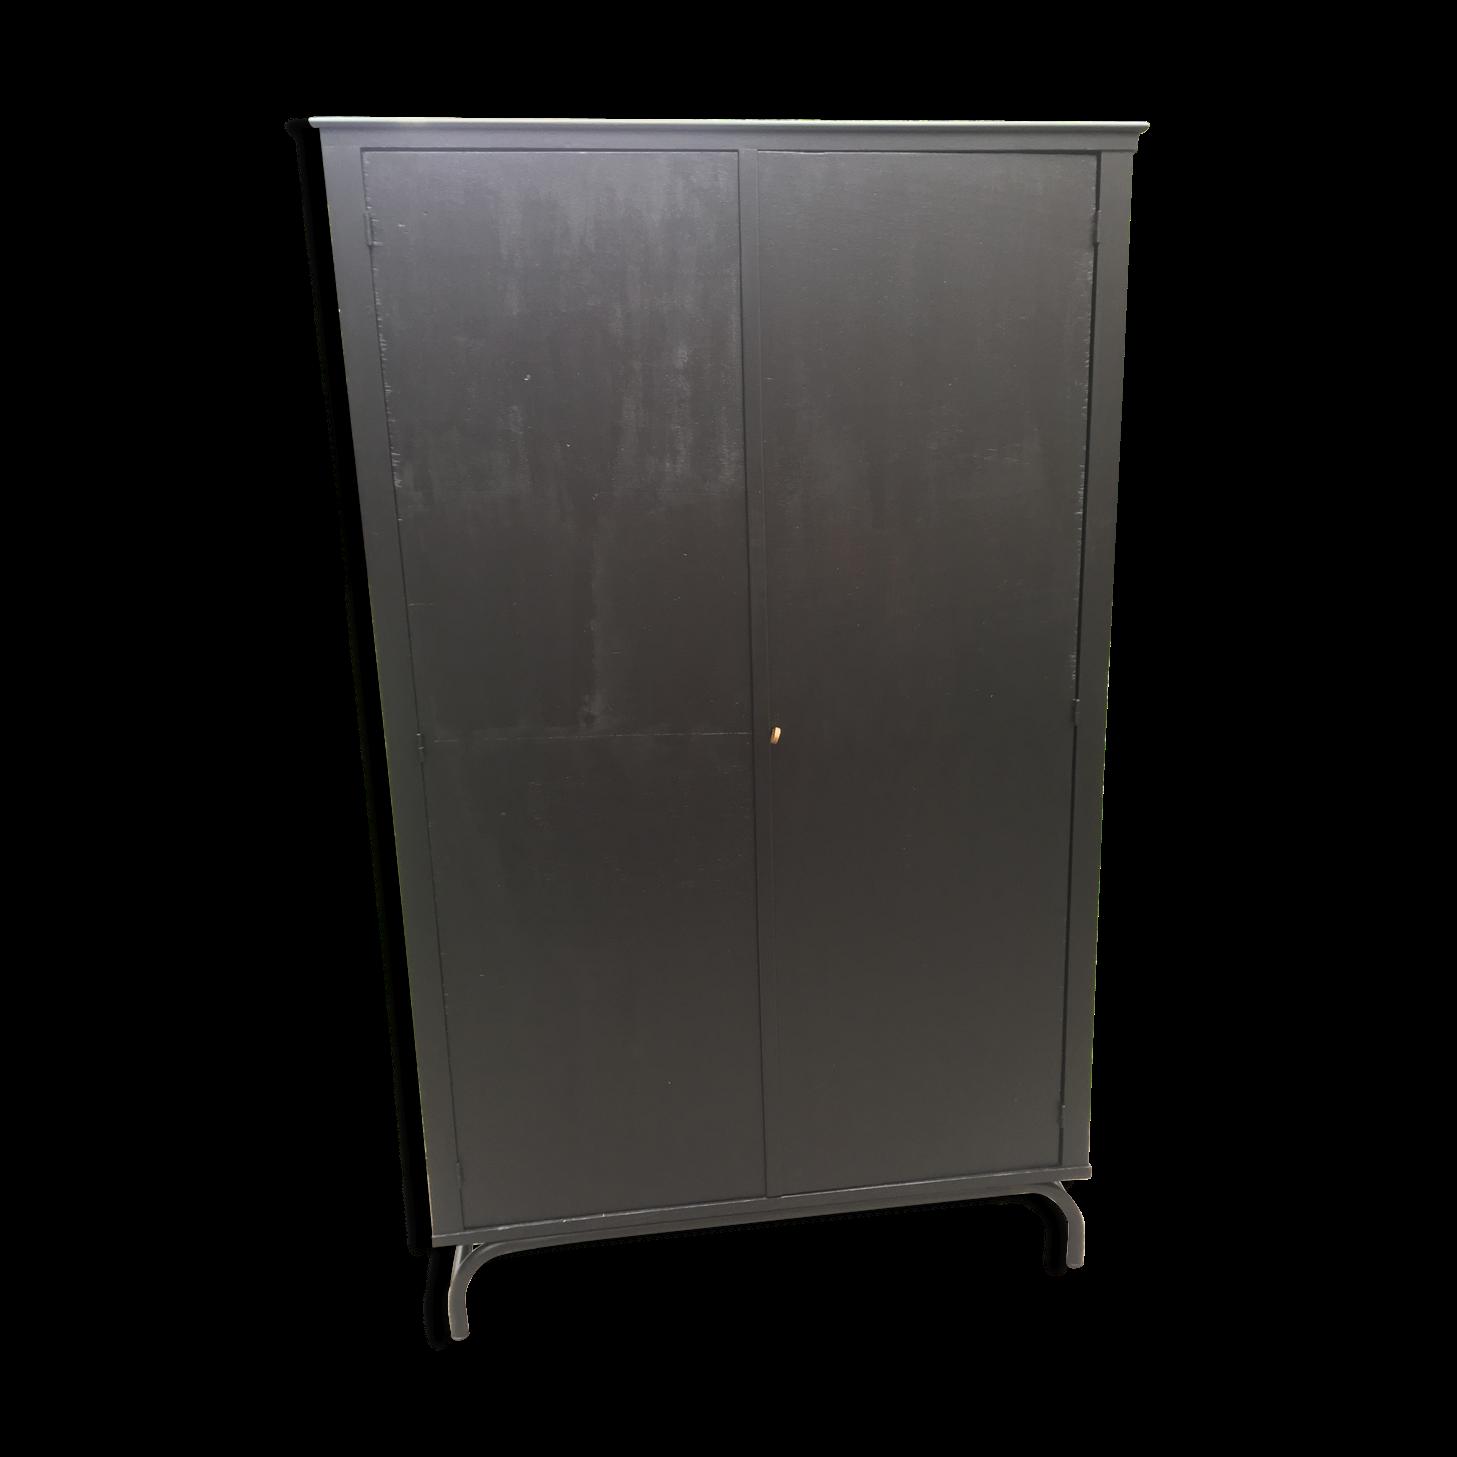 armoire metallique noire free meuble cuisine roulette. Black Bedroom Furniture Sets. Home Design Ideas